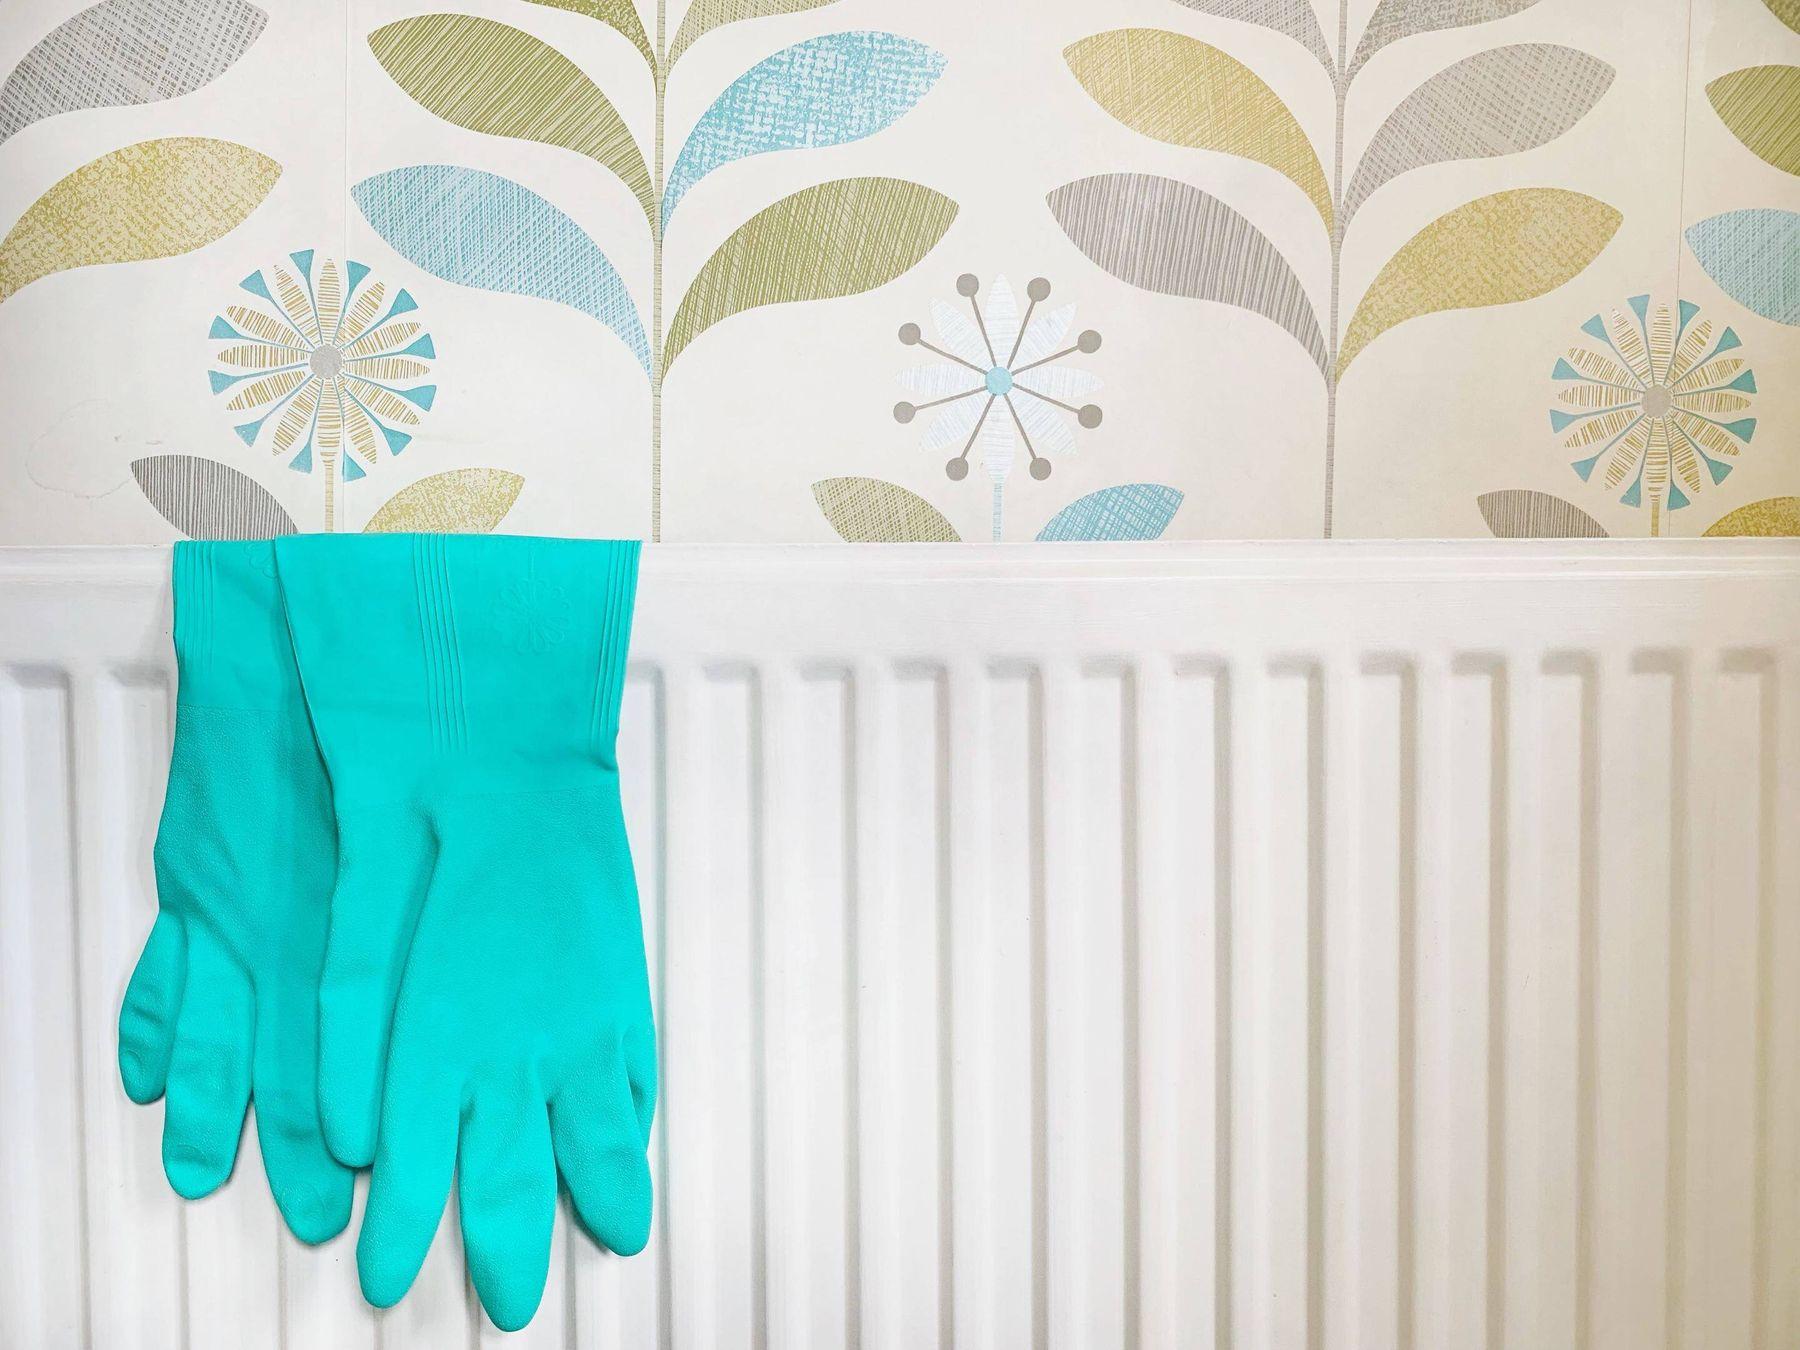 cách giặt quần áo sạch khi đeo găng tay